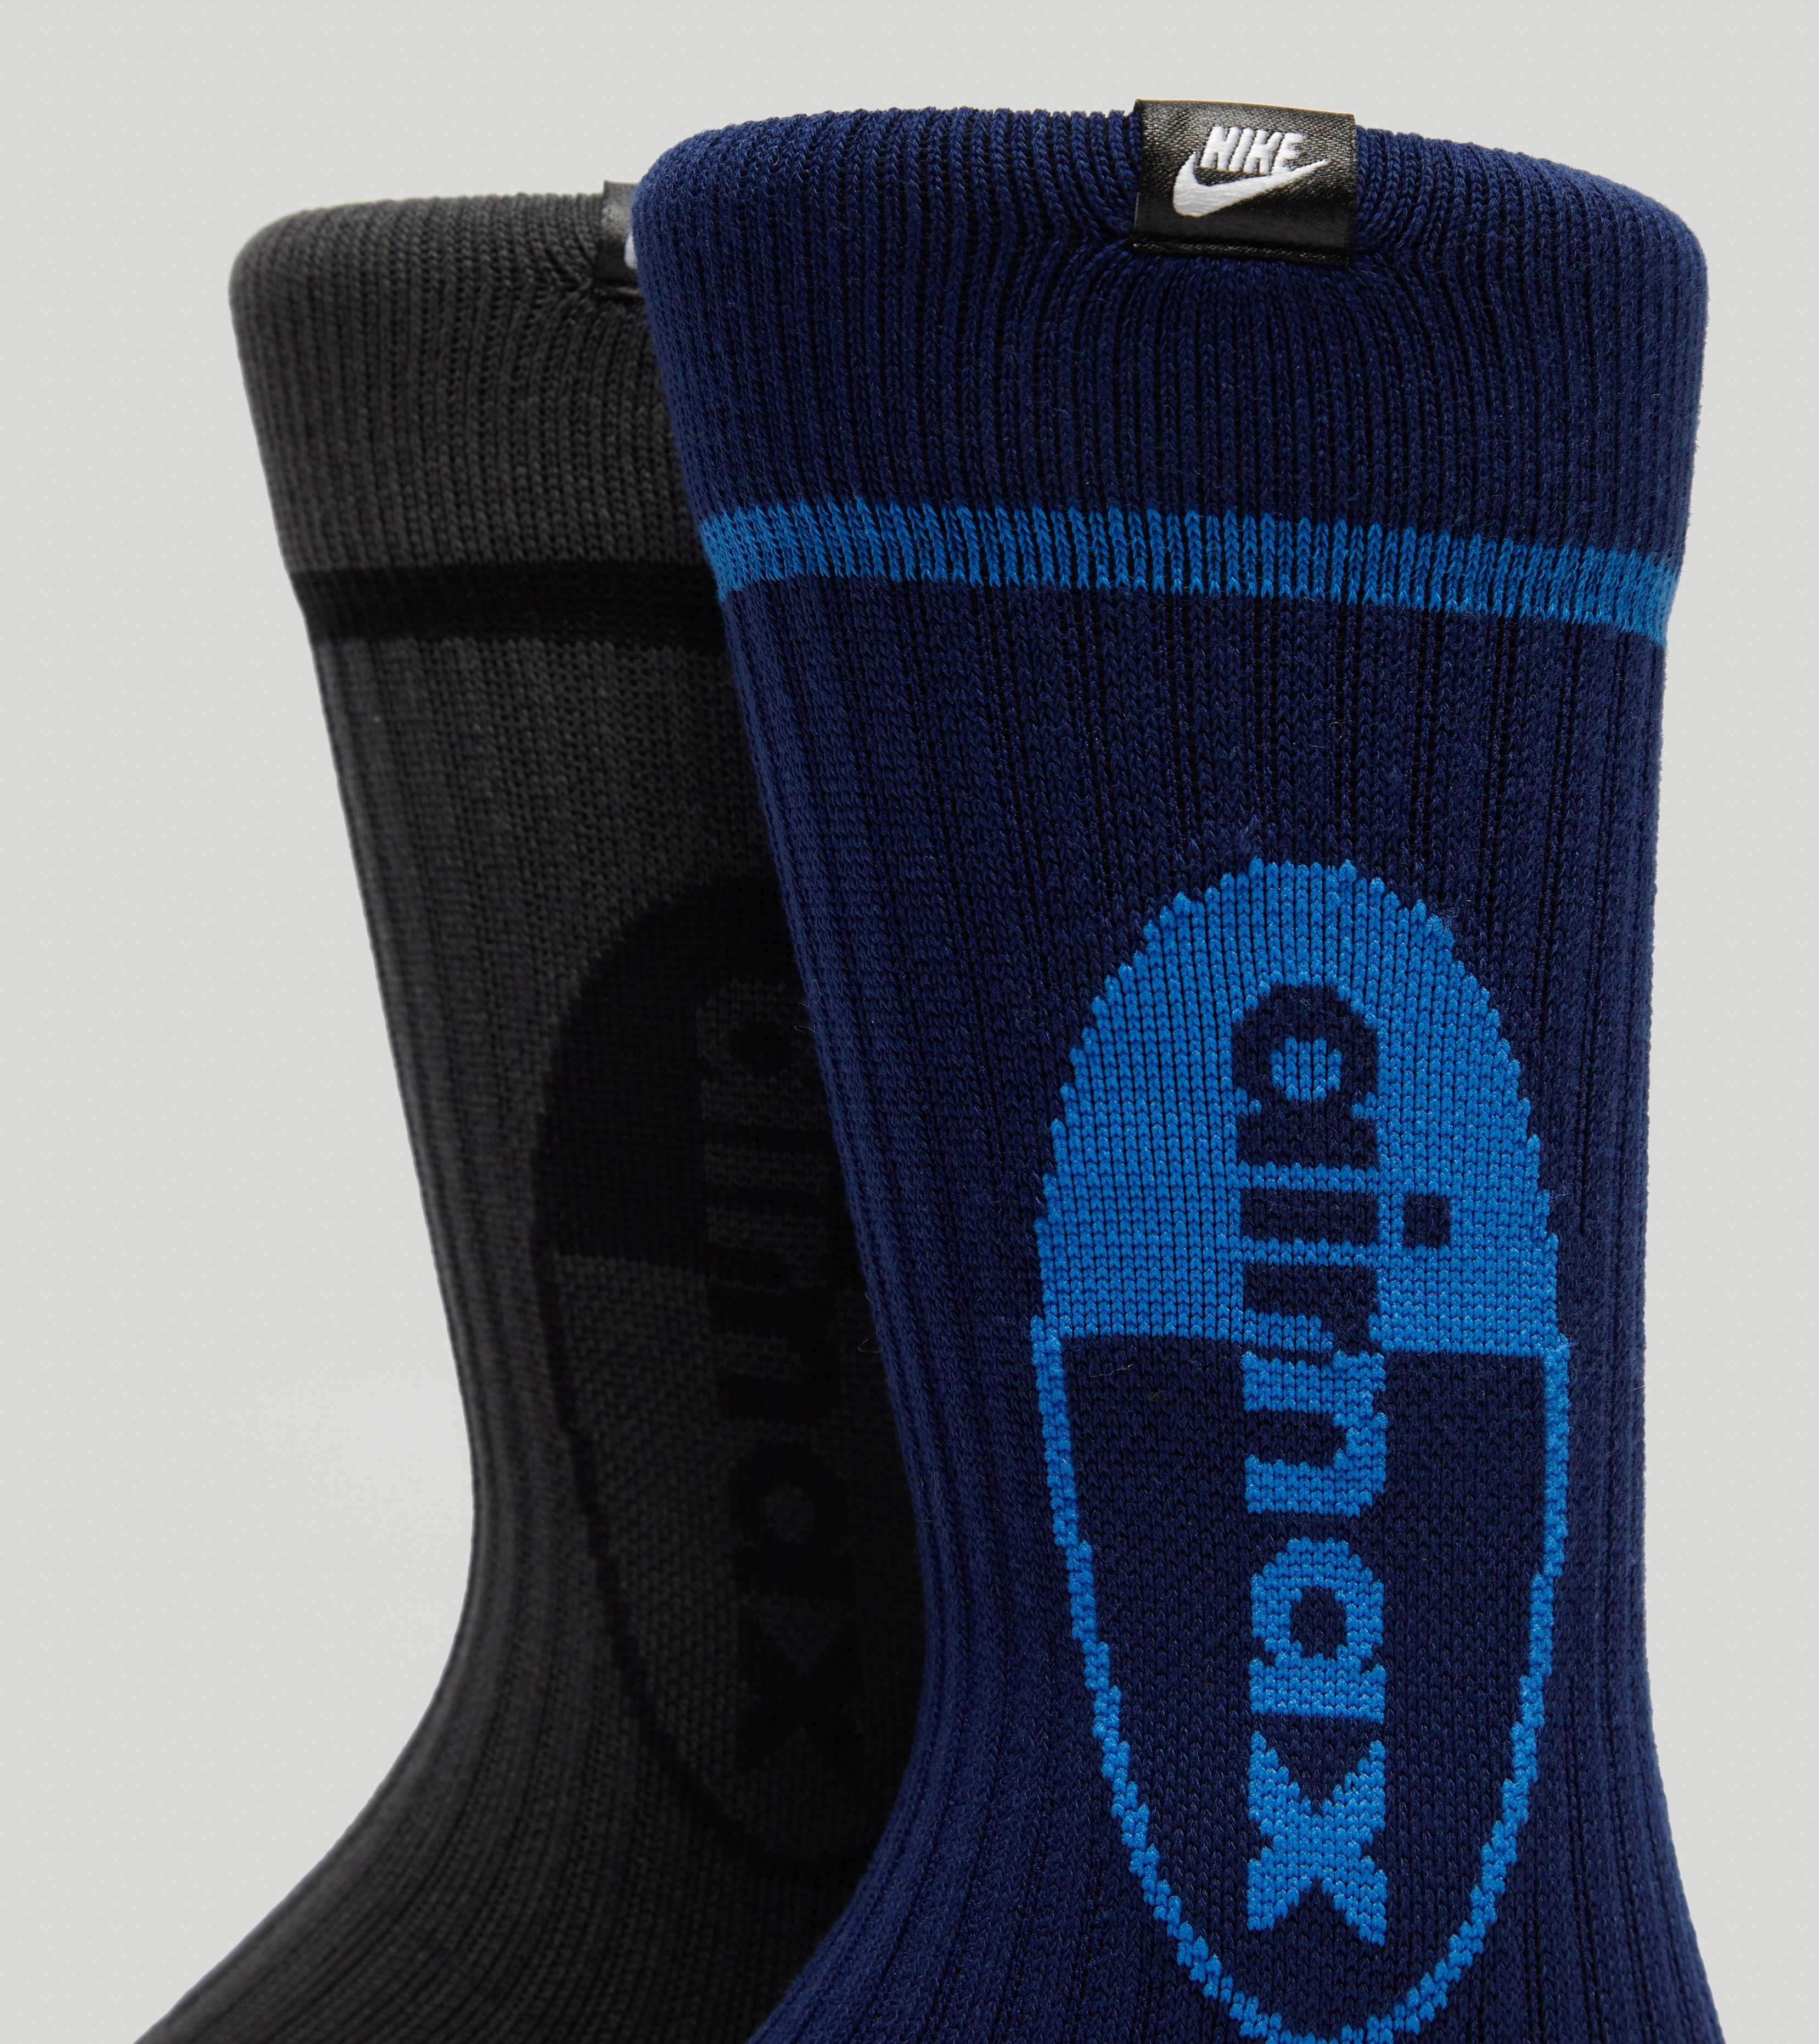 Nike Air Max Crew Socks (2 Pack)